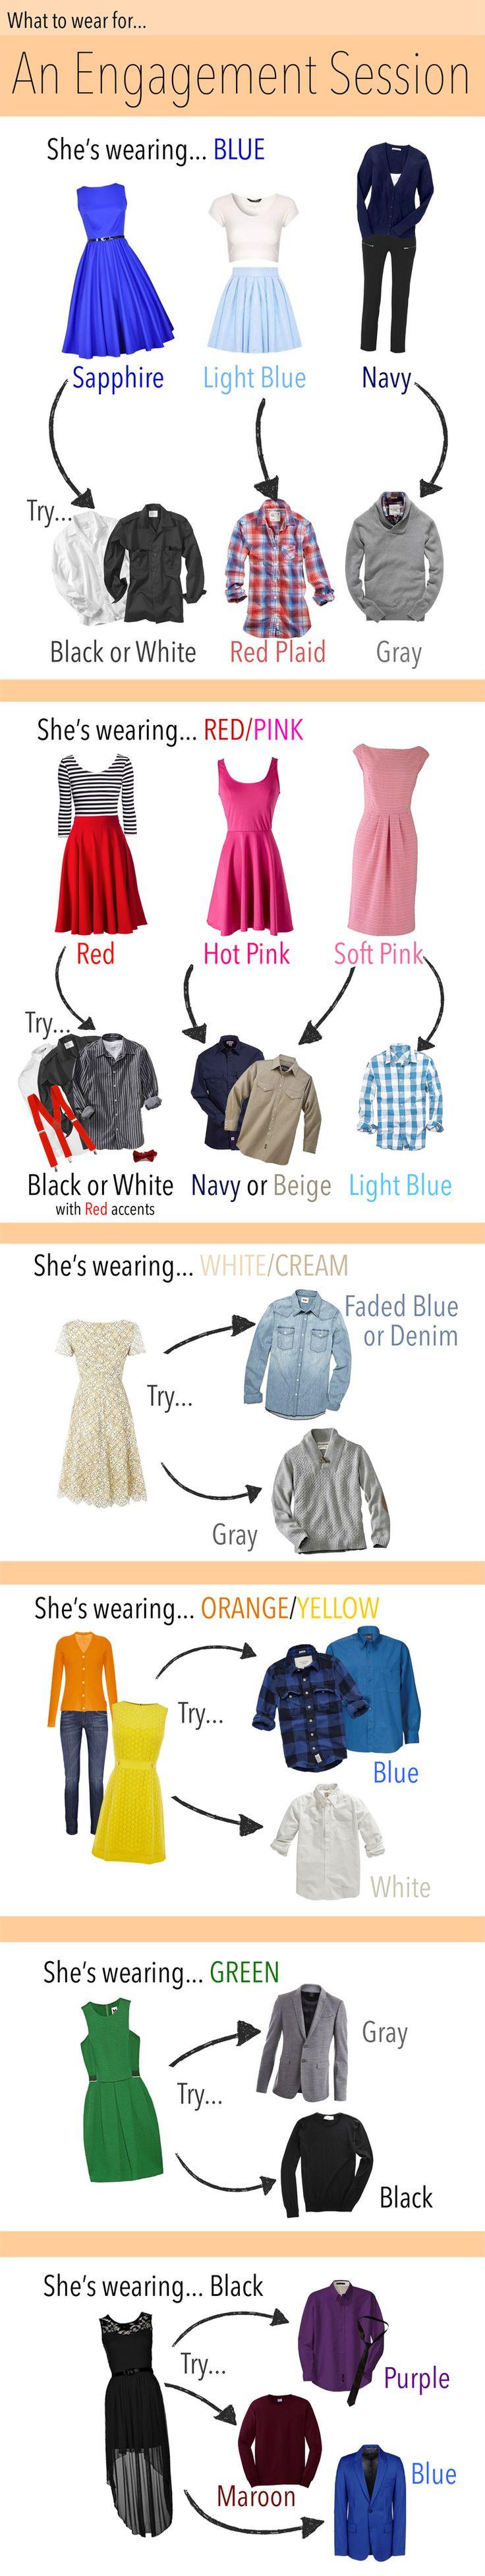 מה ללבוש לצילומים